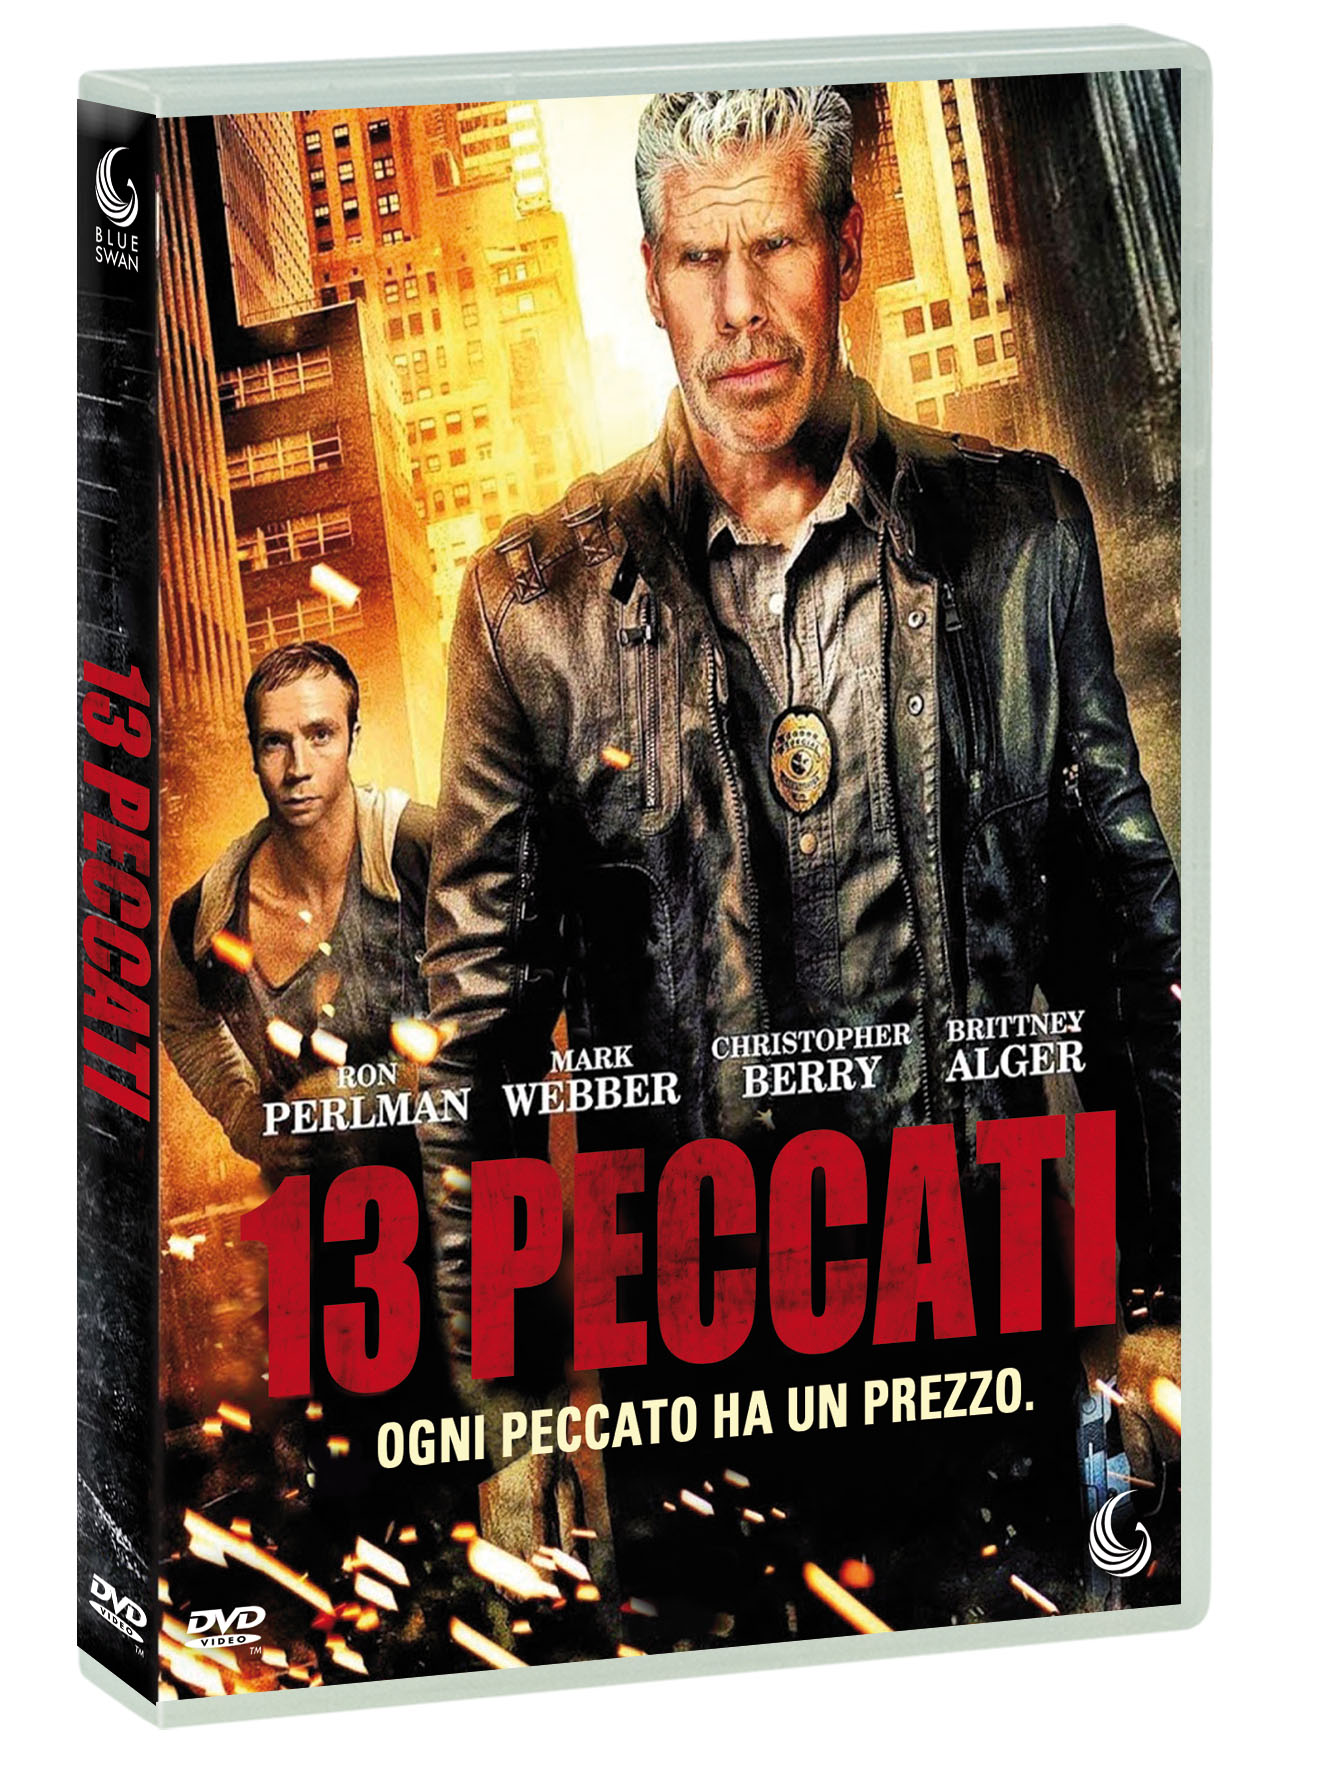 13 PECCATI (DVD)